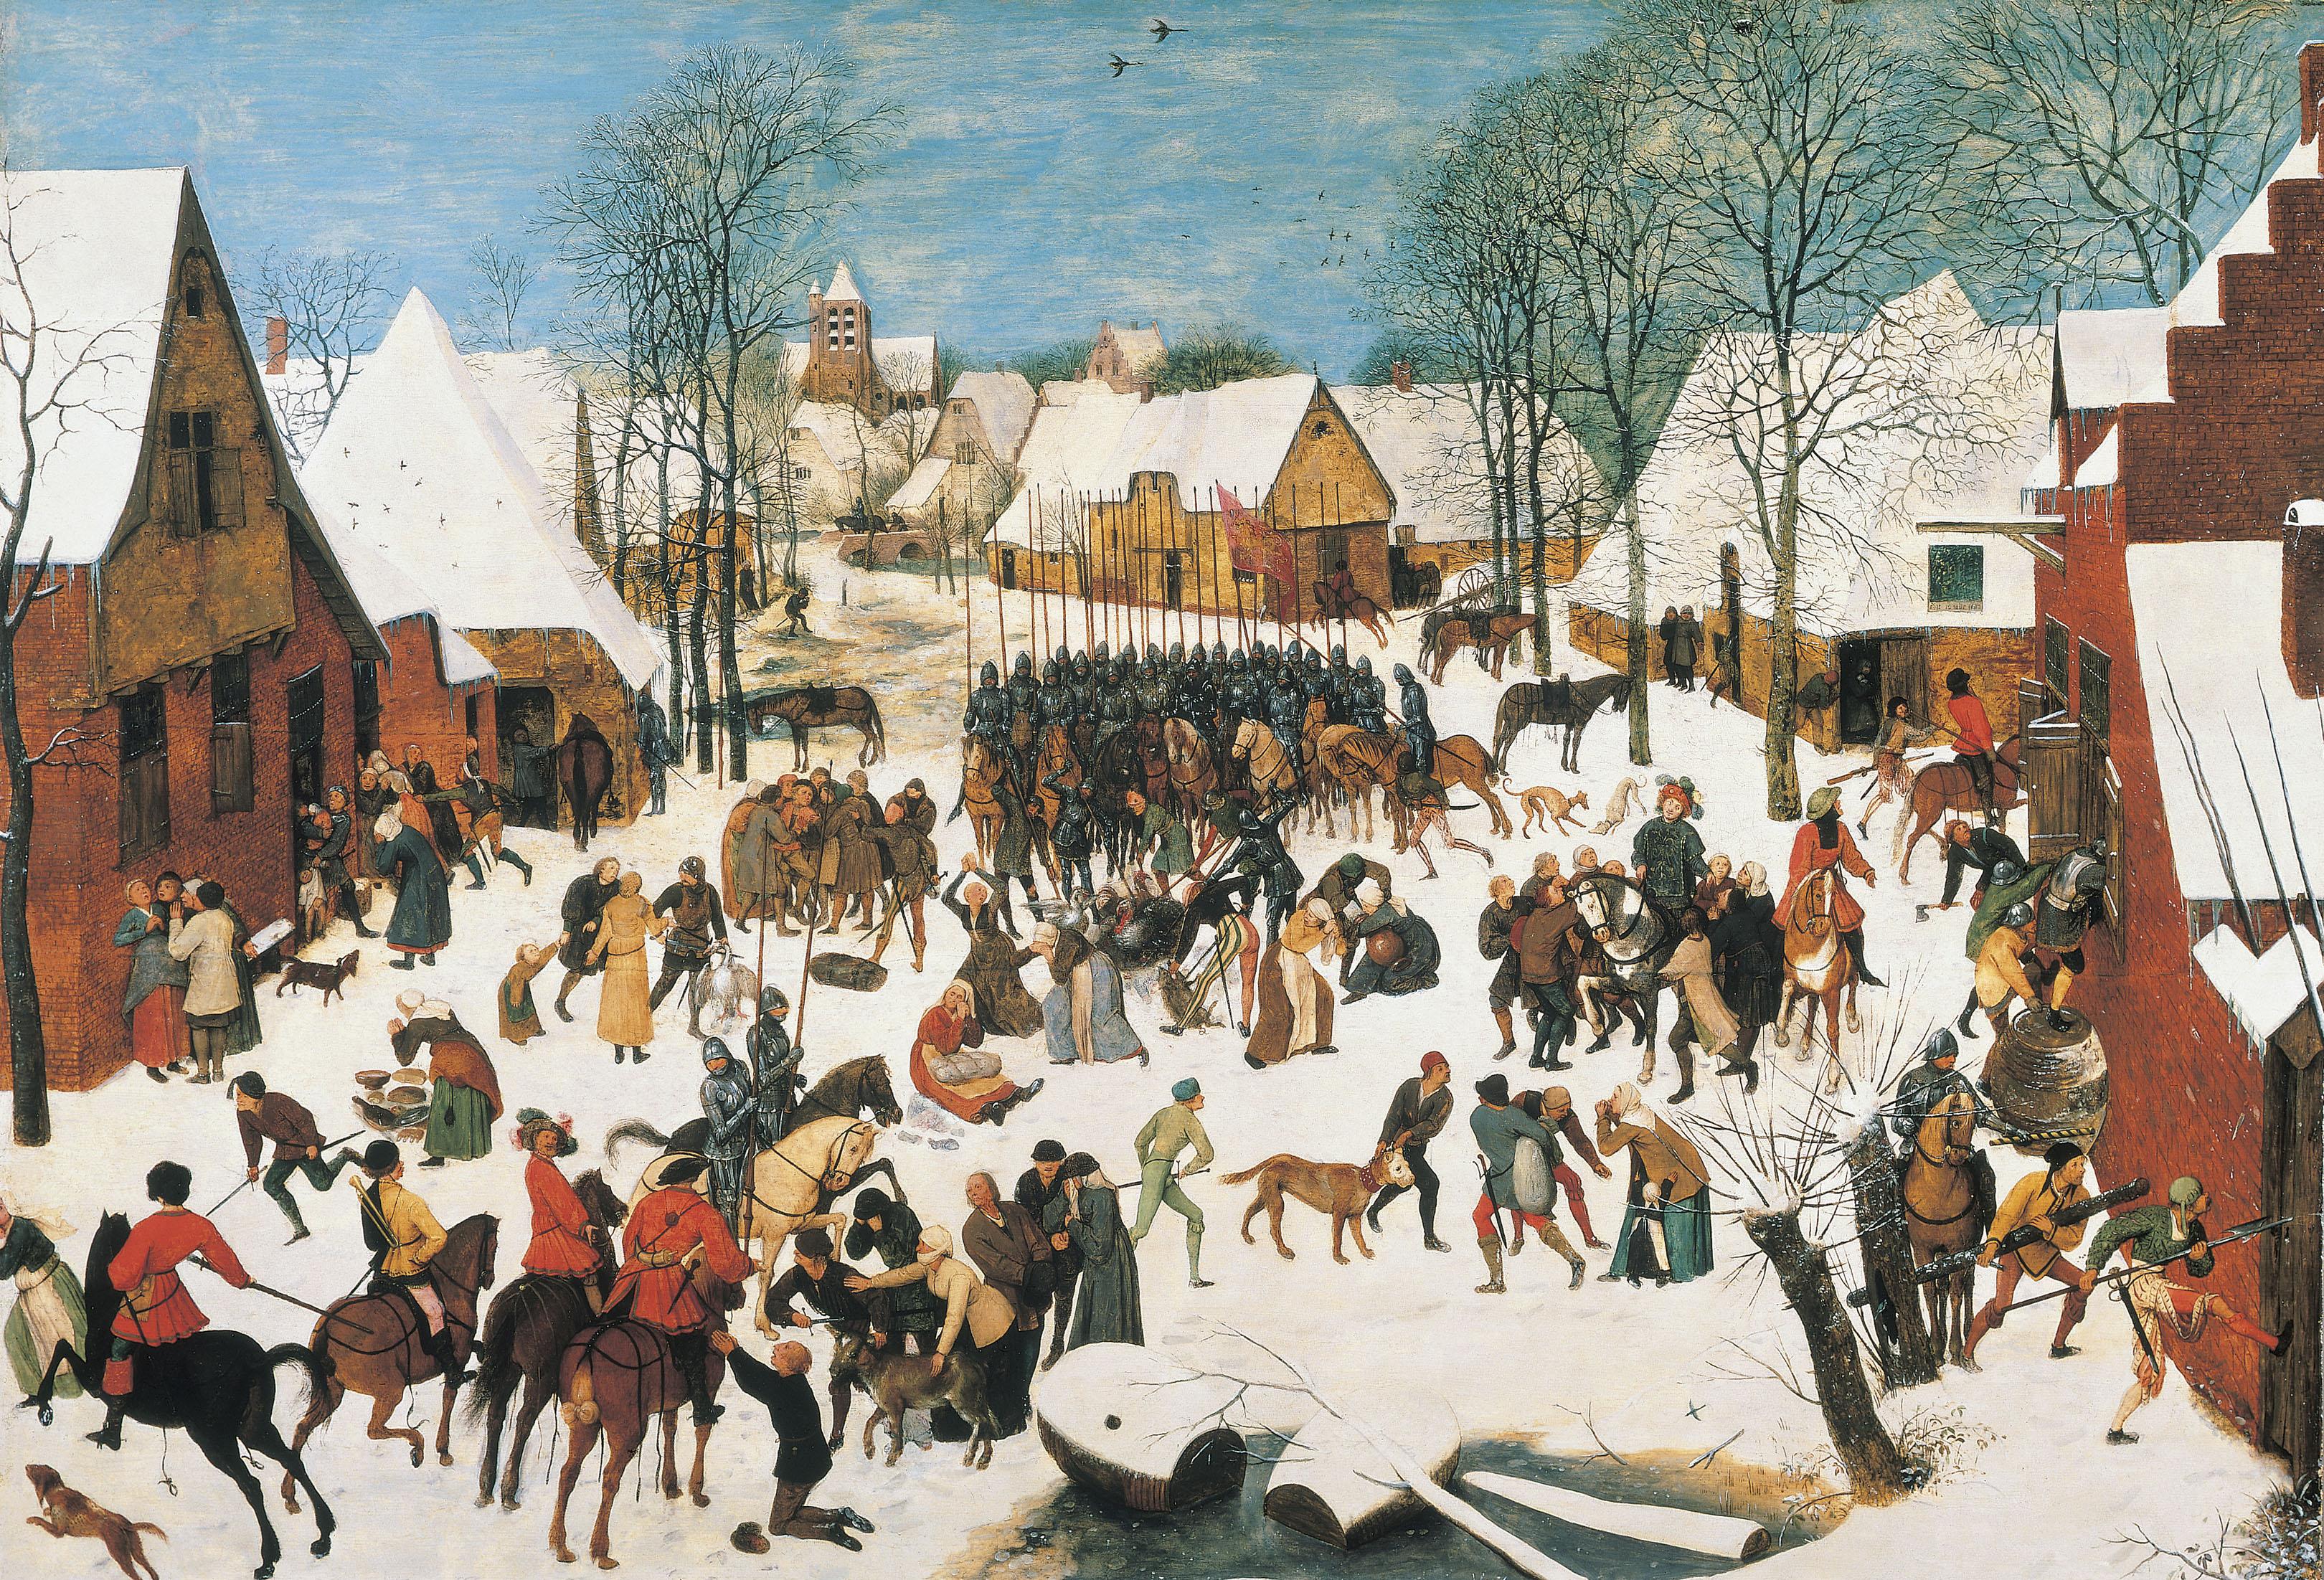 Pieter Brugel the Elder, The Massacre of the Innocents, c.1565/67